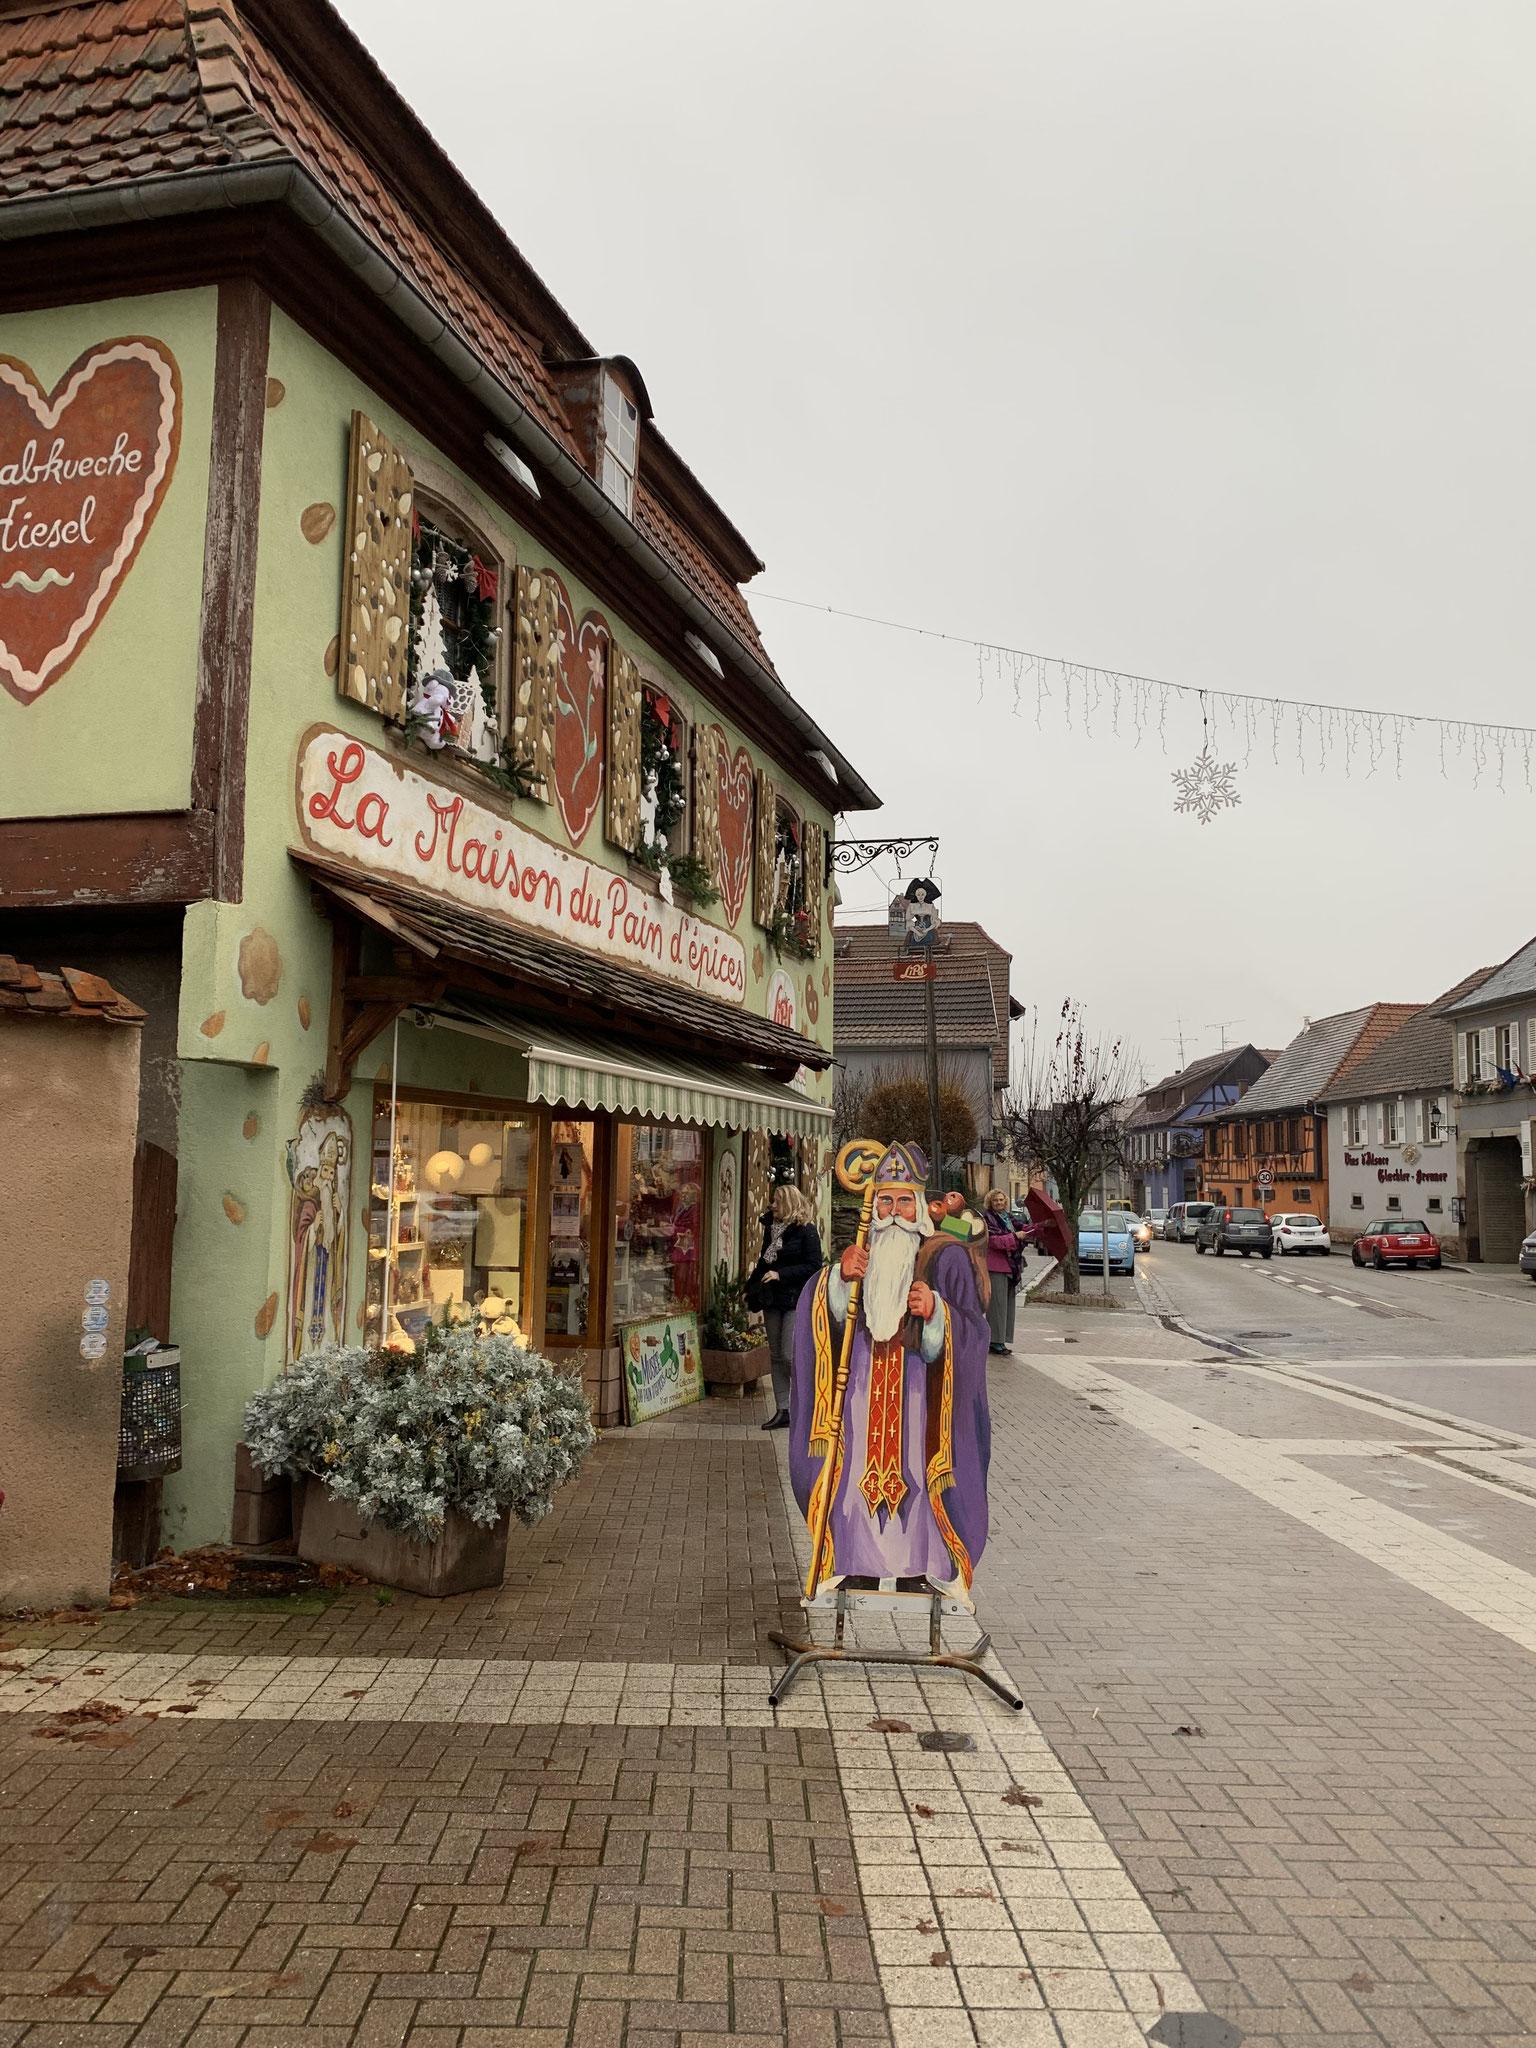 11-2018 Ausflug ins Elsass - Gertwiller Lebkuchenbäckerei Lips